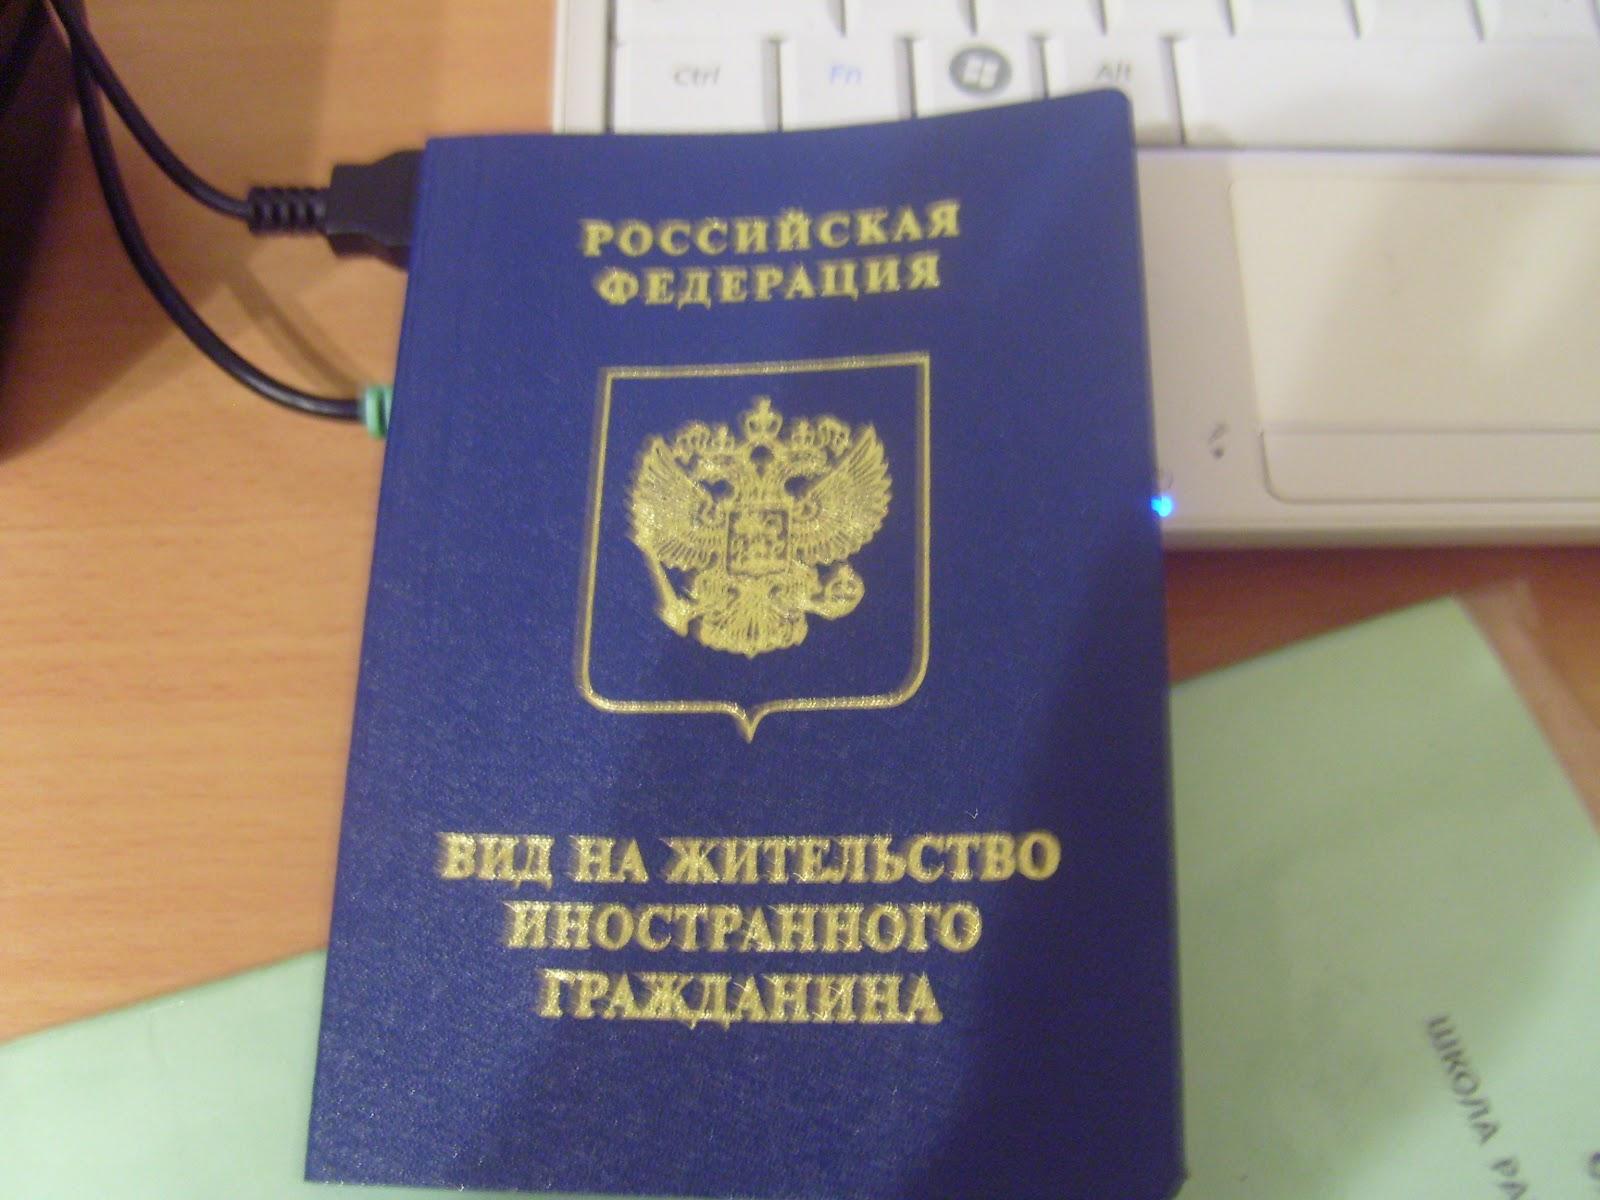 Вид на жительство в россии 2018 новый